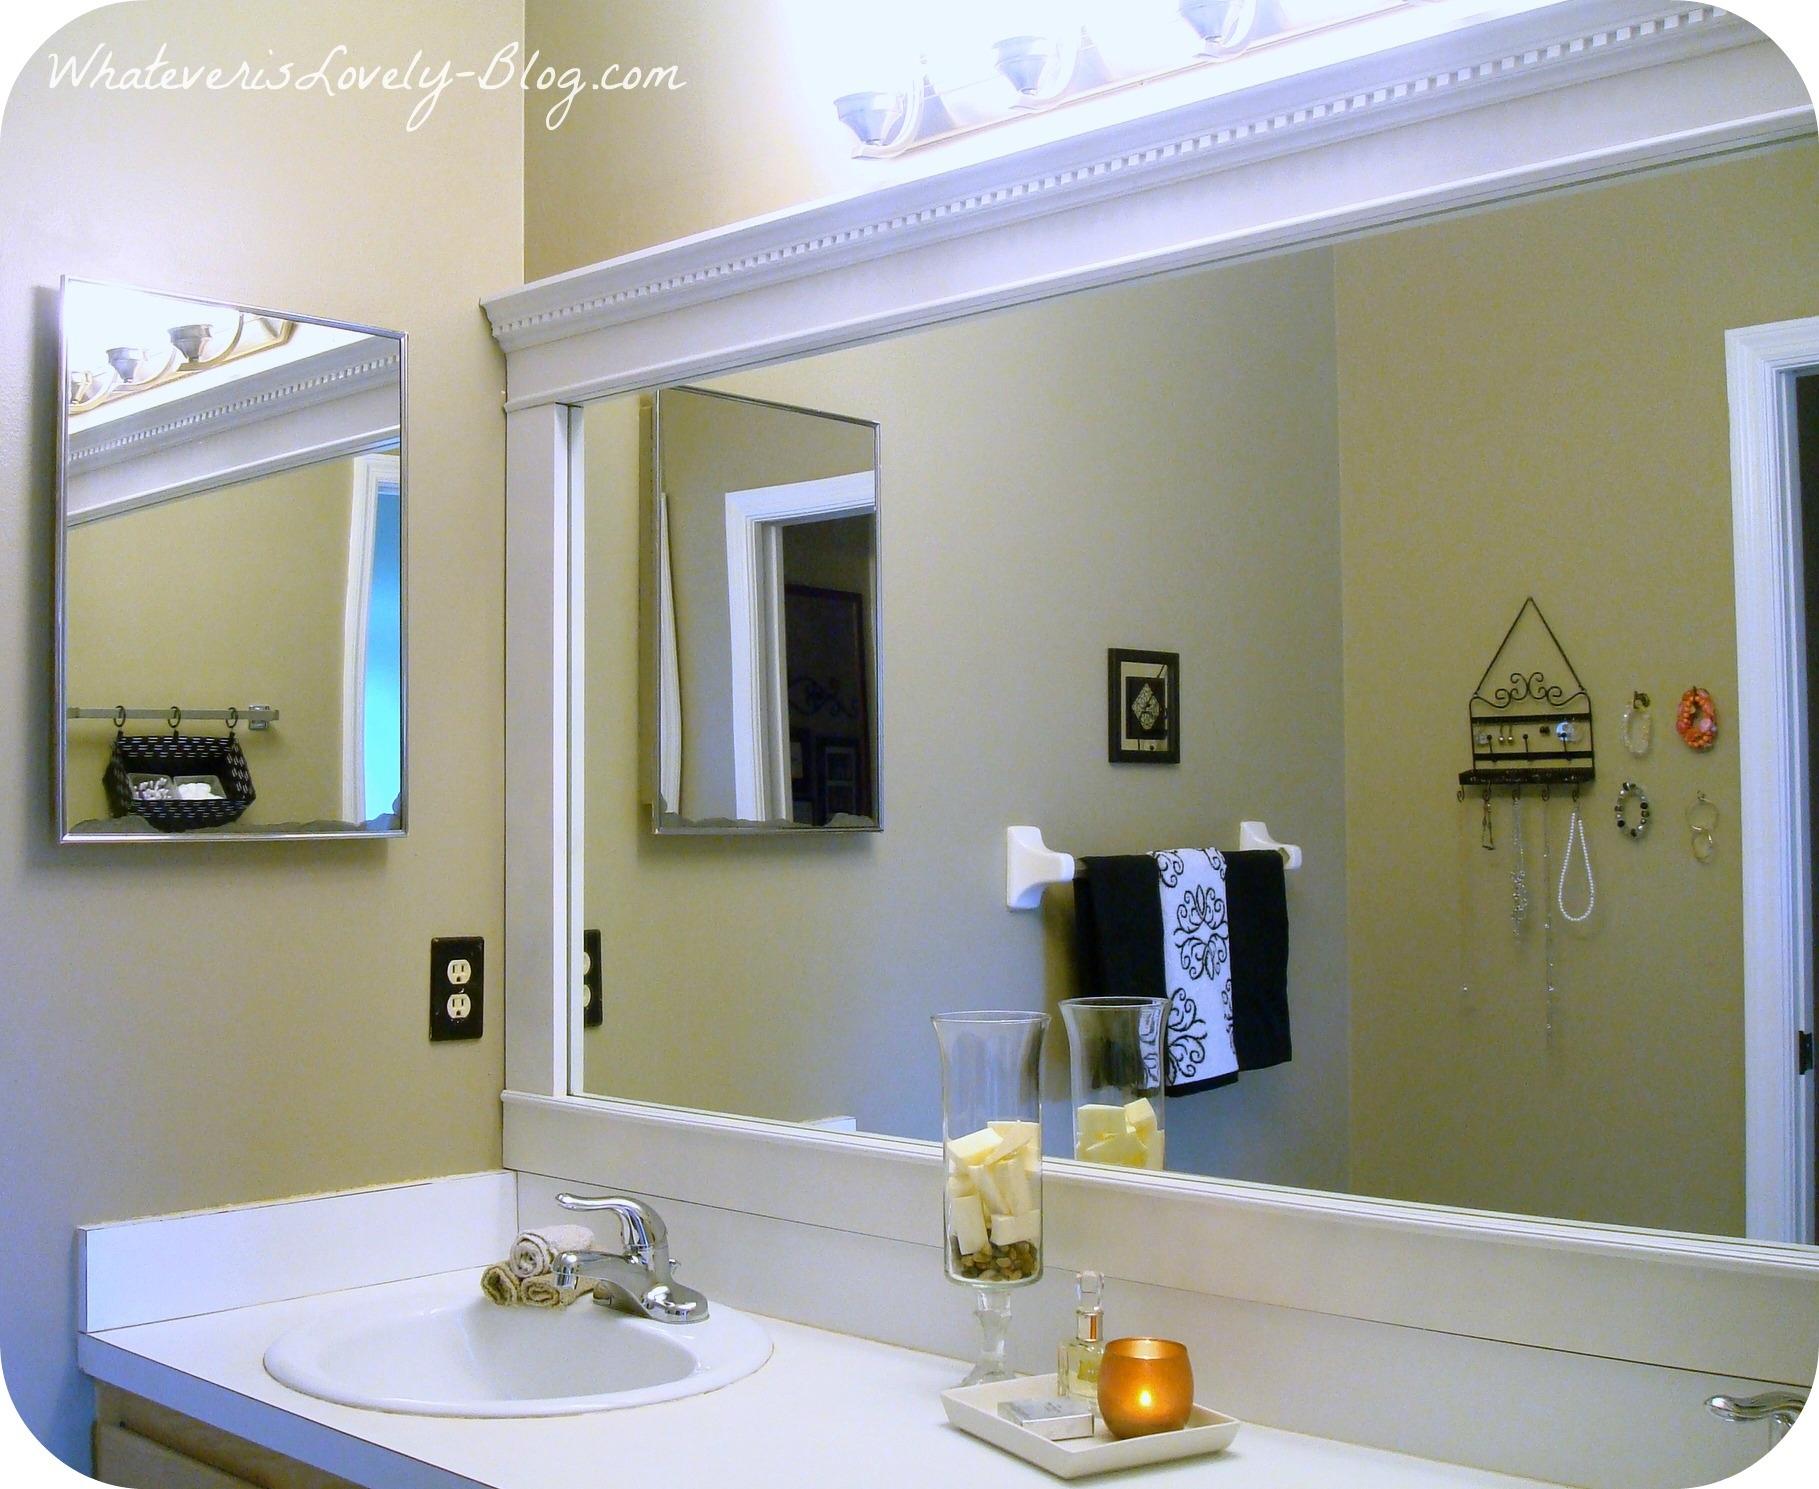 Diy Add Frame To Bathroom Mirror